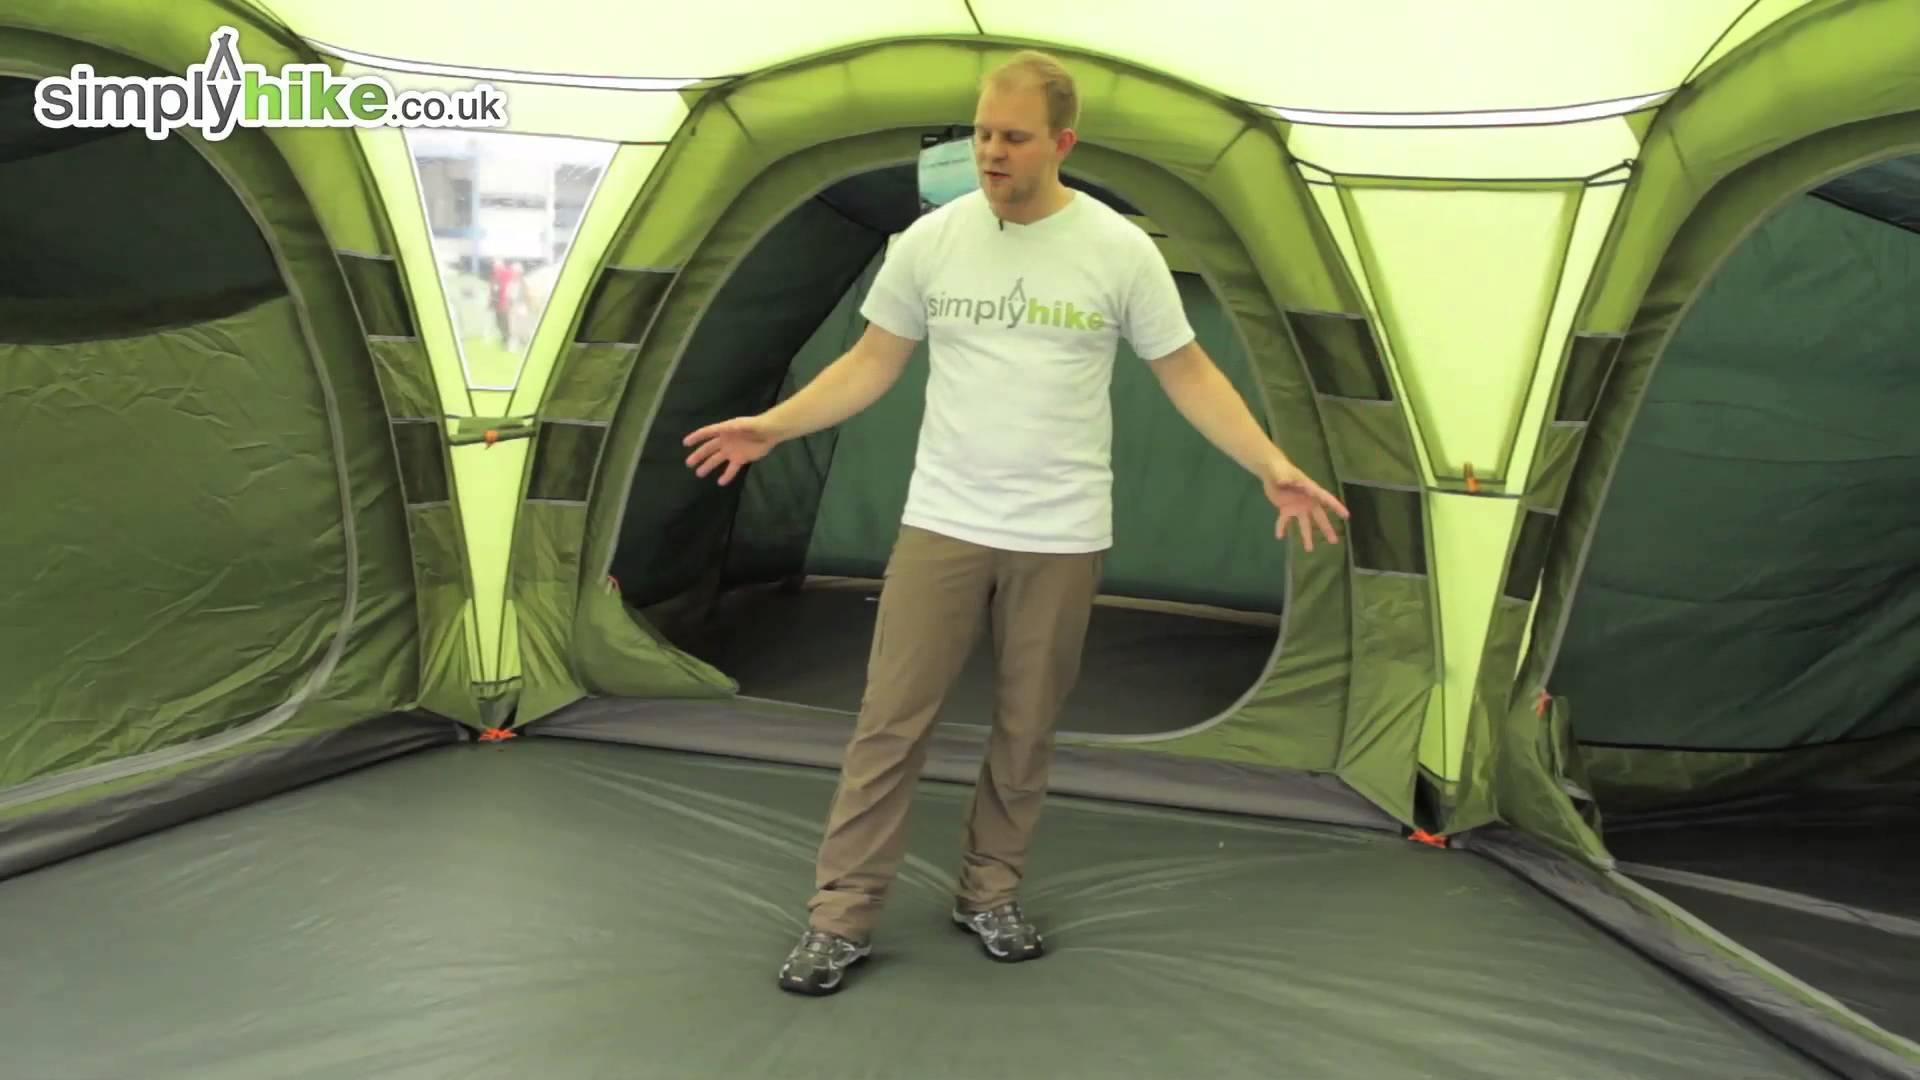 Vango S Diablo 900xl Tent Is Absolutely Enormous Your Edm